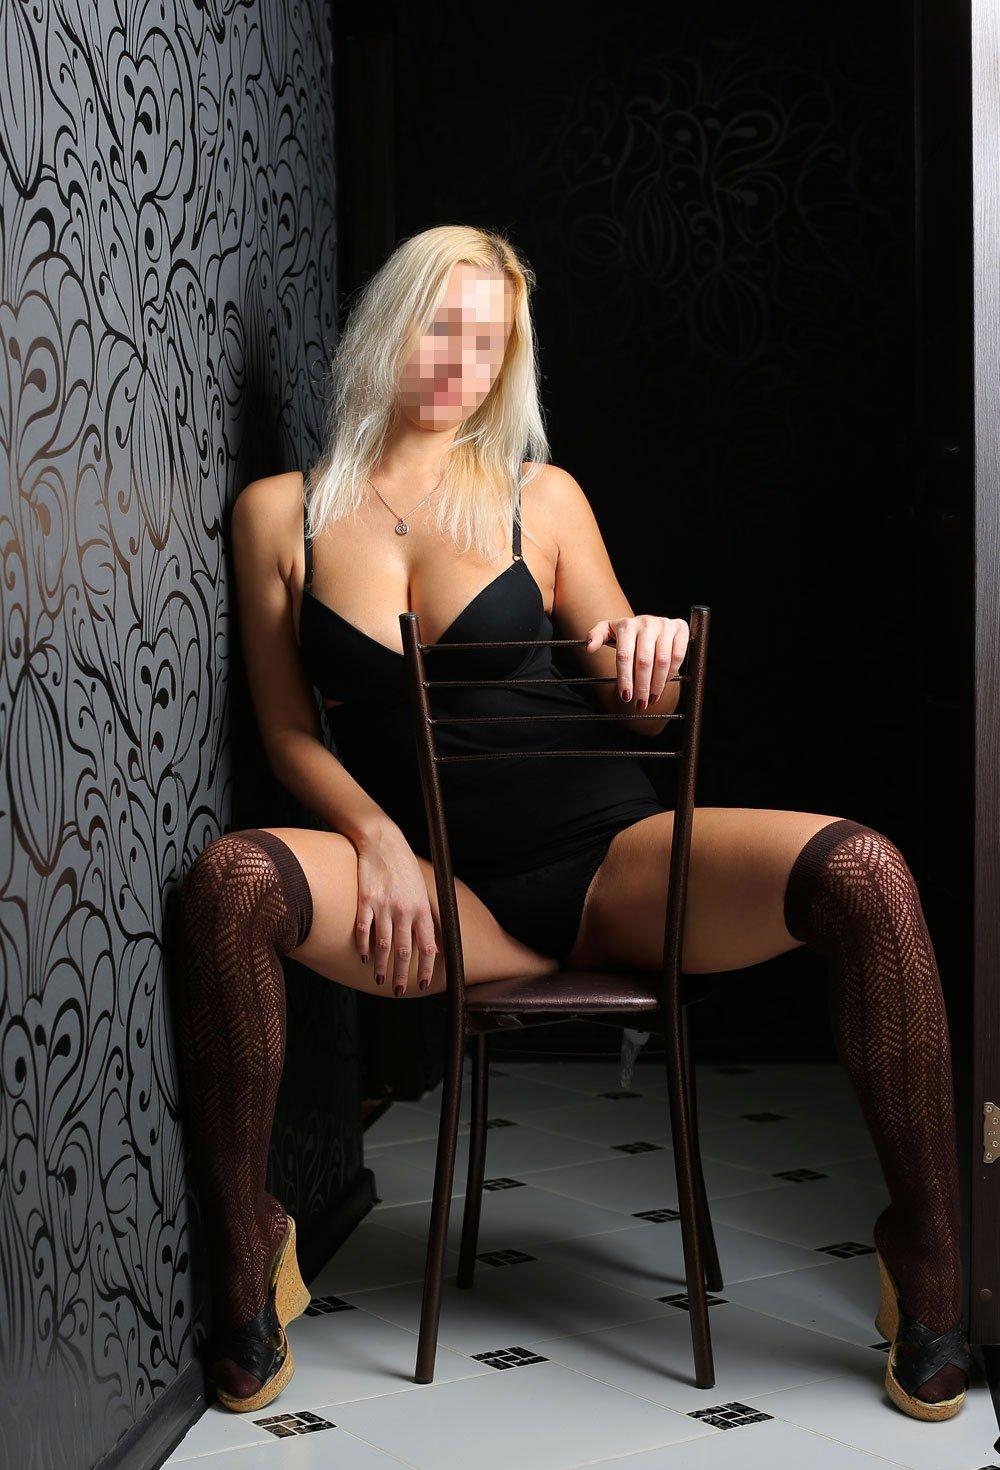 самые дорогие проститутки москвы и их анкеты